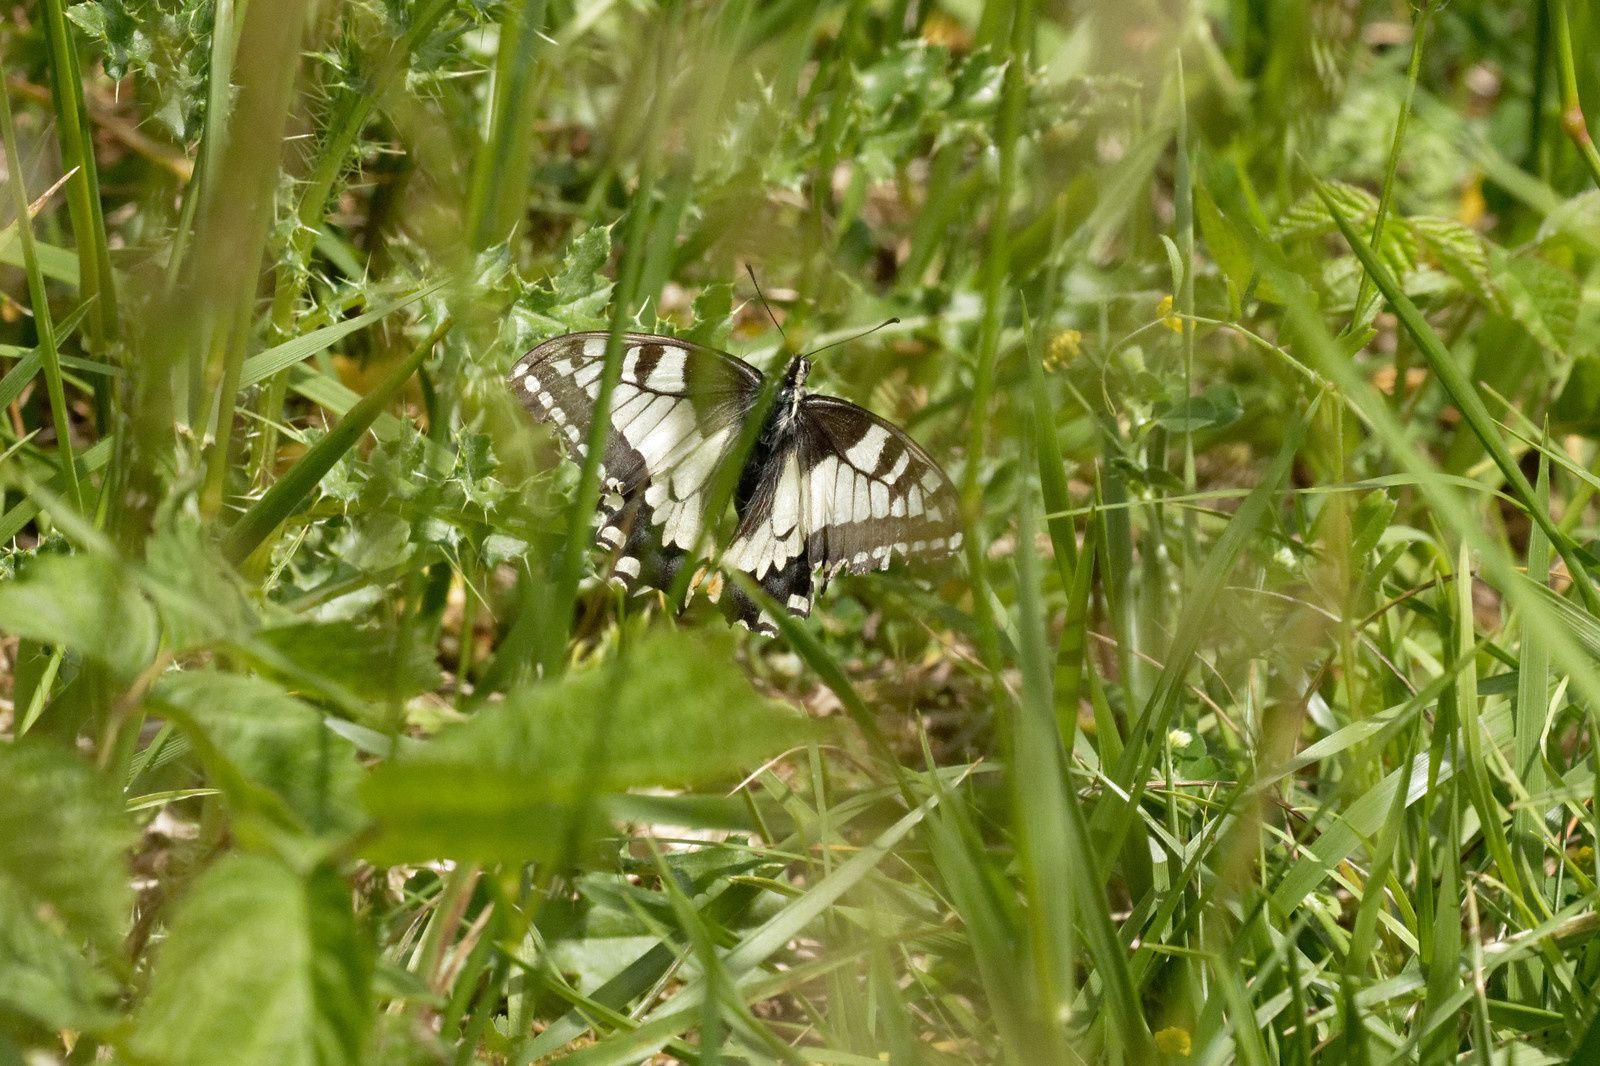 385 - Des animaux qui honorent des espaces naturels, à ne pas manquer ! : 26/05/2018